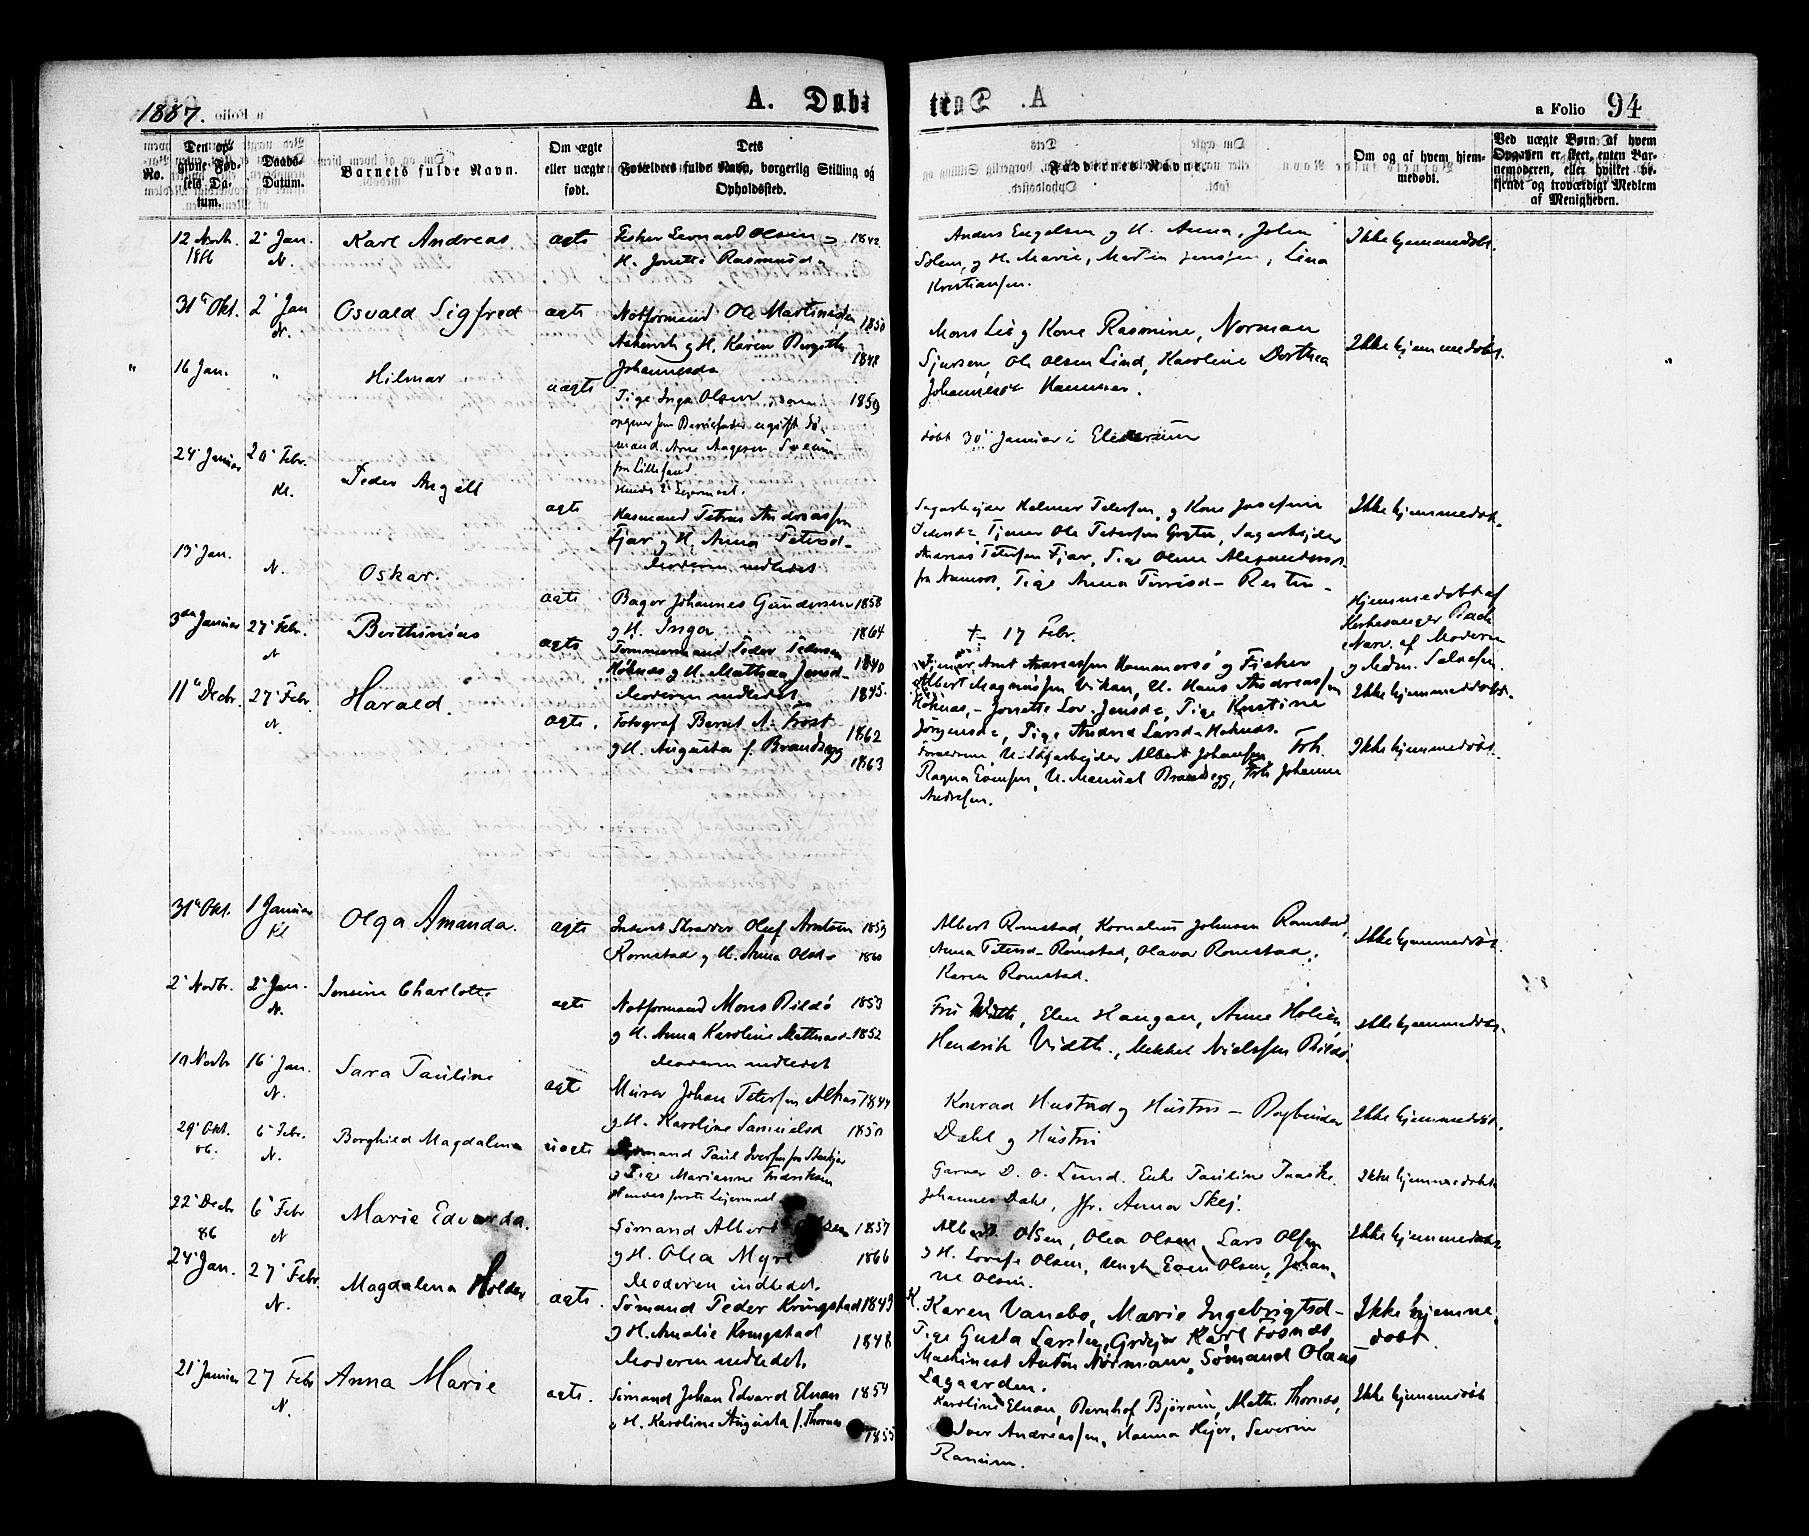 SAT, Ministerialprotokoller, klokkerbøker og fødselsregistre - Nord-Trøndelag, 768/L0572: Ministerialbok nr. 768A07, 1874-1886, s. 94